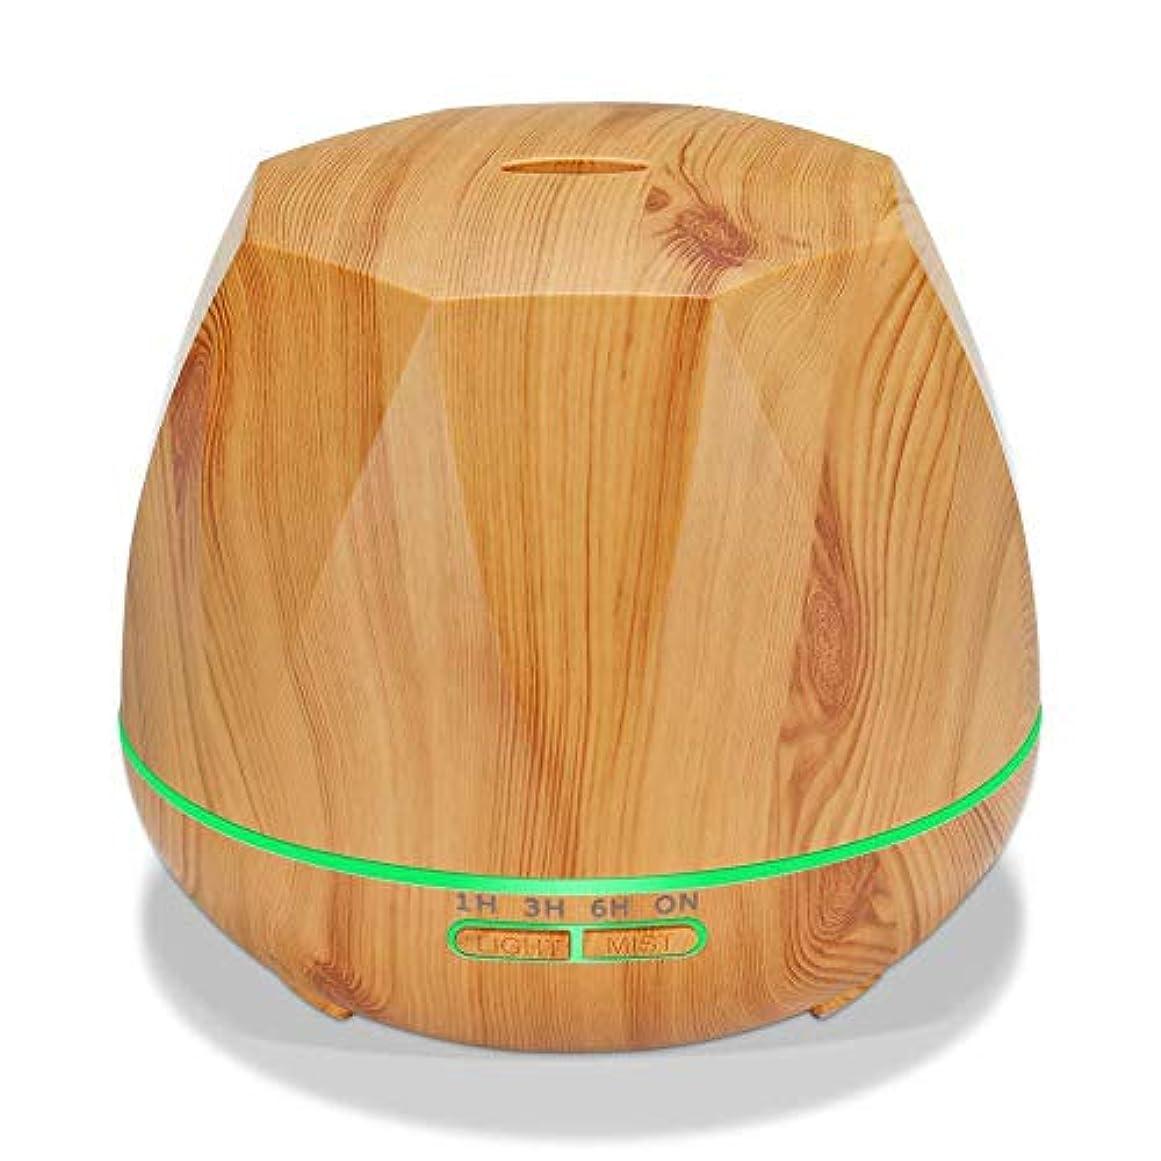 オリエントすべき名誉ある木目 涼しい霧 加湿器,7 色 空気を浄化 加湿機 時間 デスクトップ 精油 ディフューザー アロマネブライザー Yoga ベッド 寮- 300ml